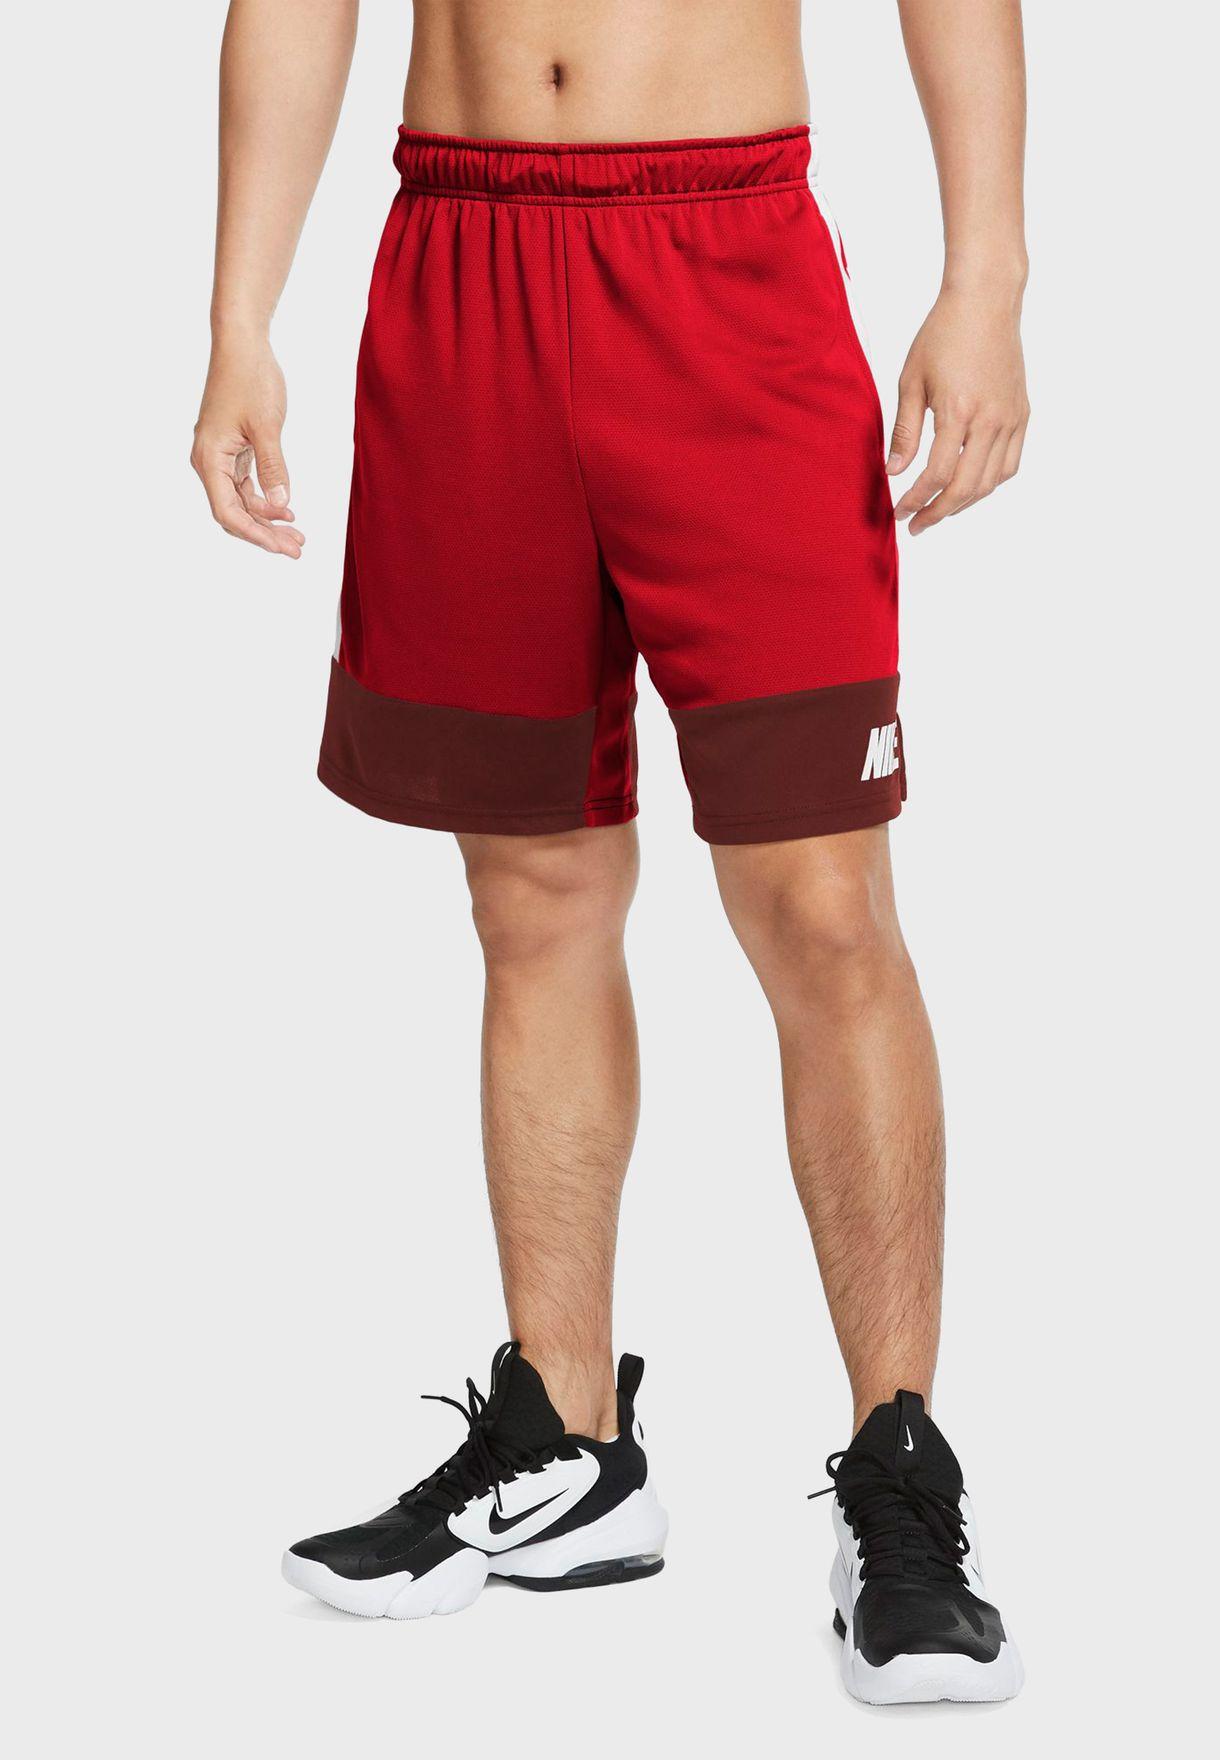 Dri-FIT 5.0 Shorts